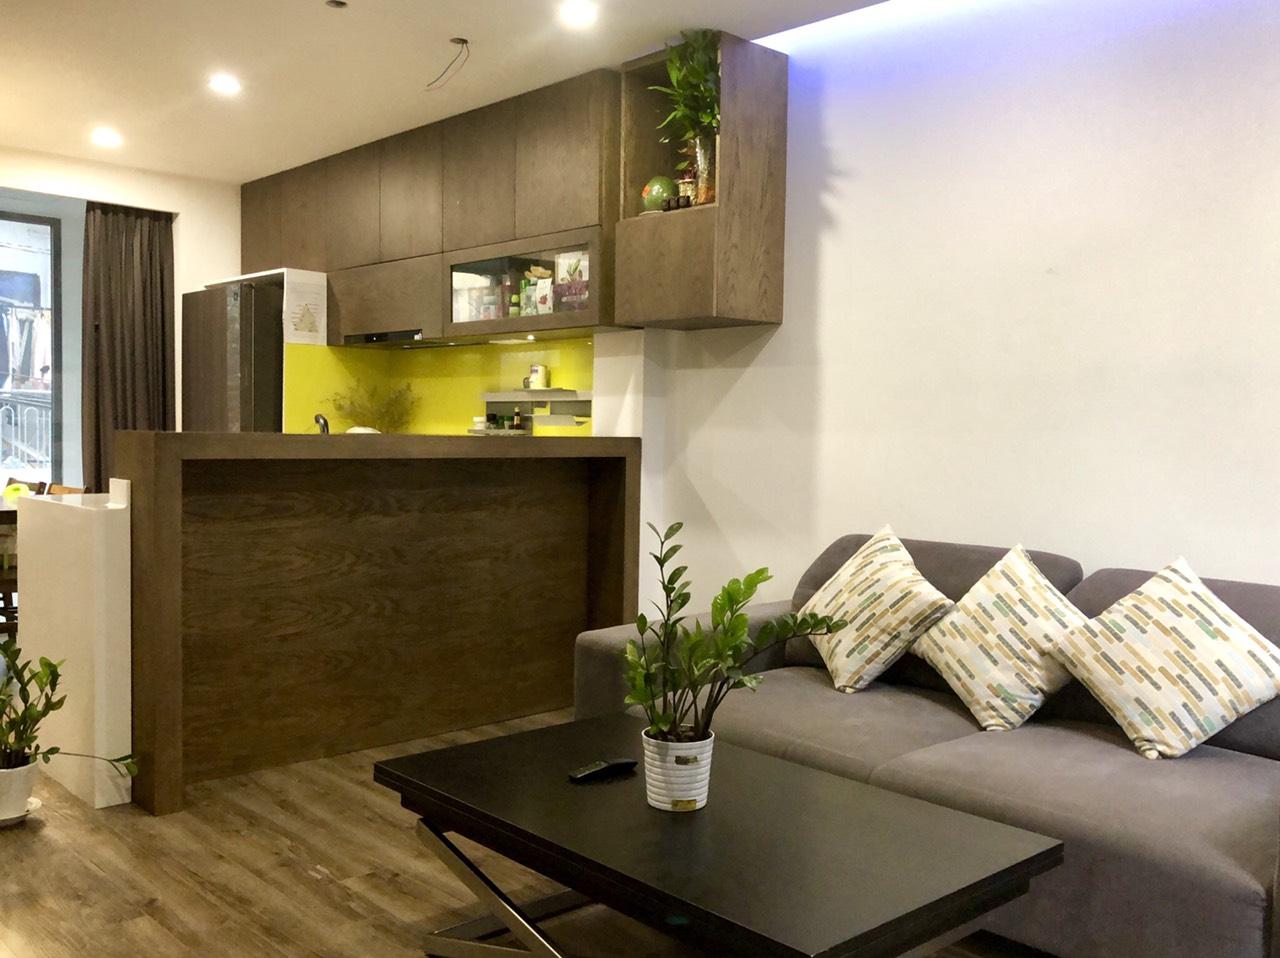 Cho Thuê 1 PN Nguyen Thi Minh Khai D1 Serviced Apartment - Đầy Đủ Nội Thất & Ấm Cúng -3